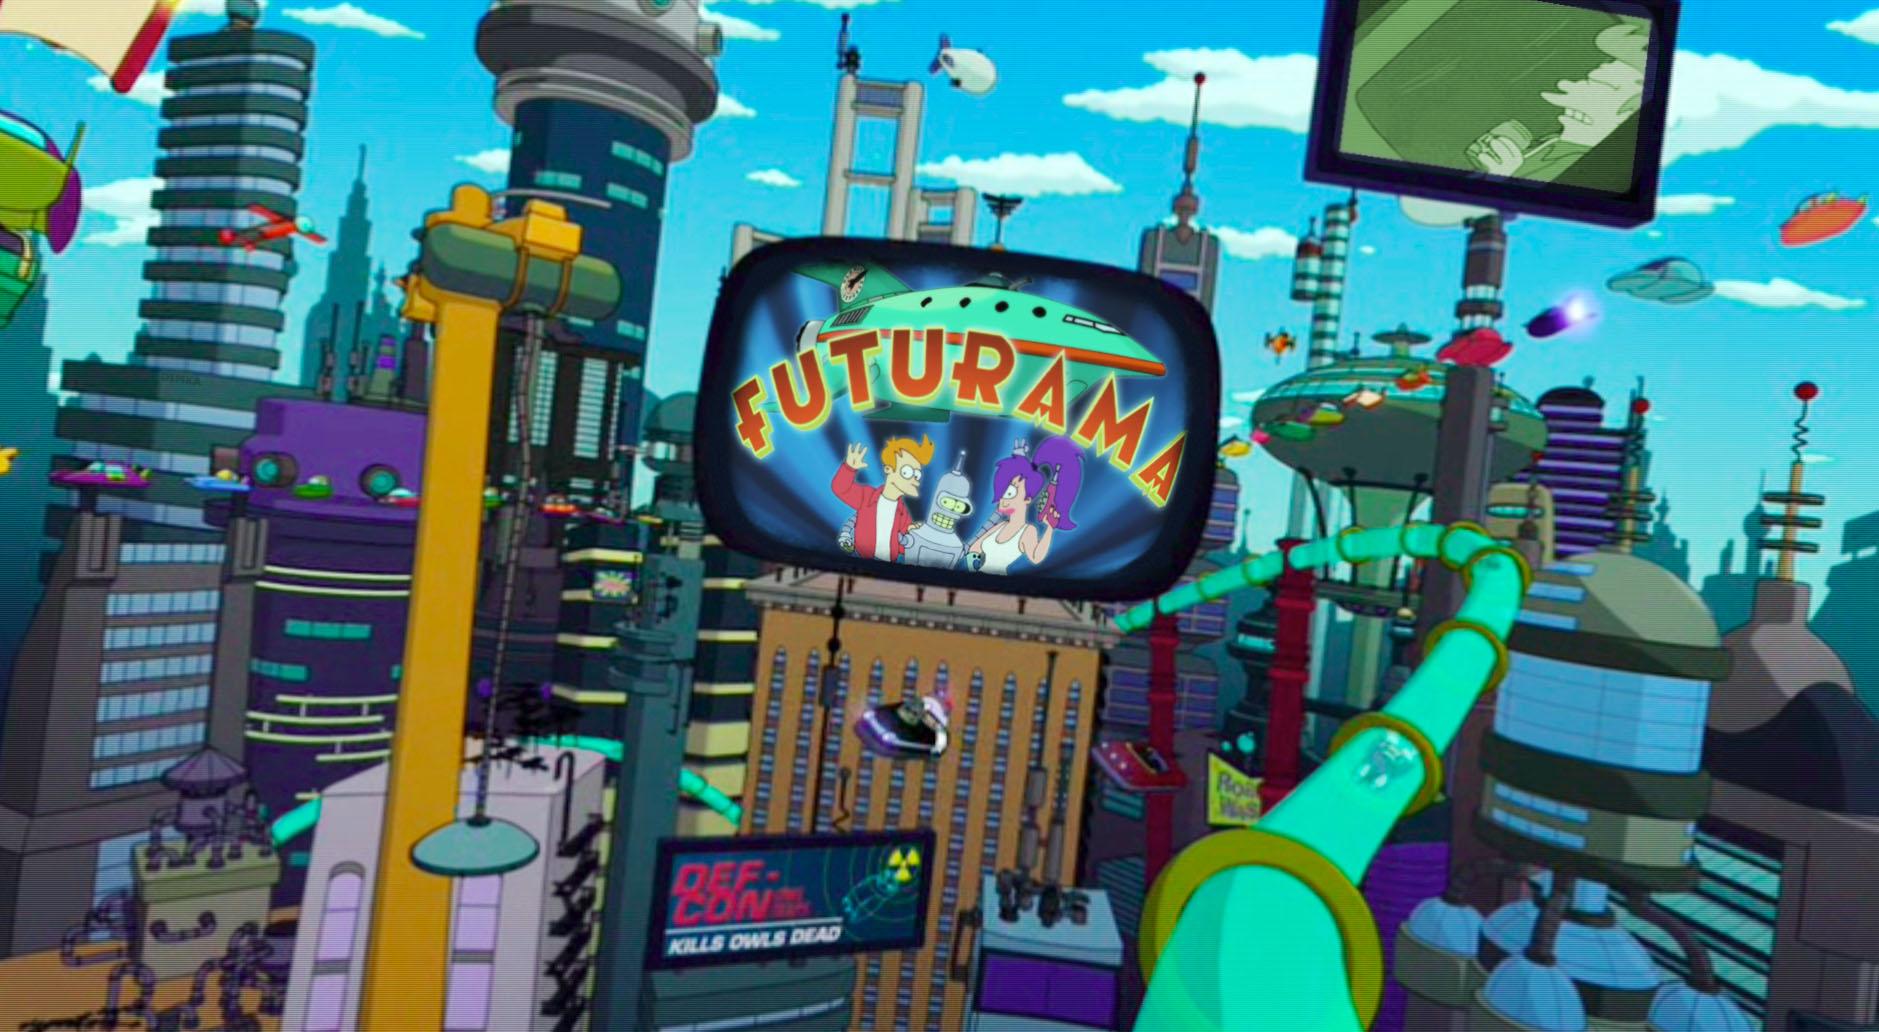 A Major Nelson le gustaría revivir la serie Futurama como exclusiva de Xbox [Anuncios]